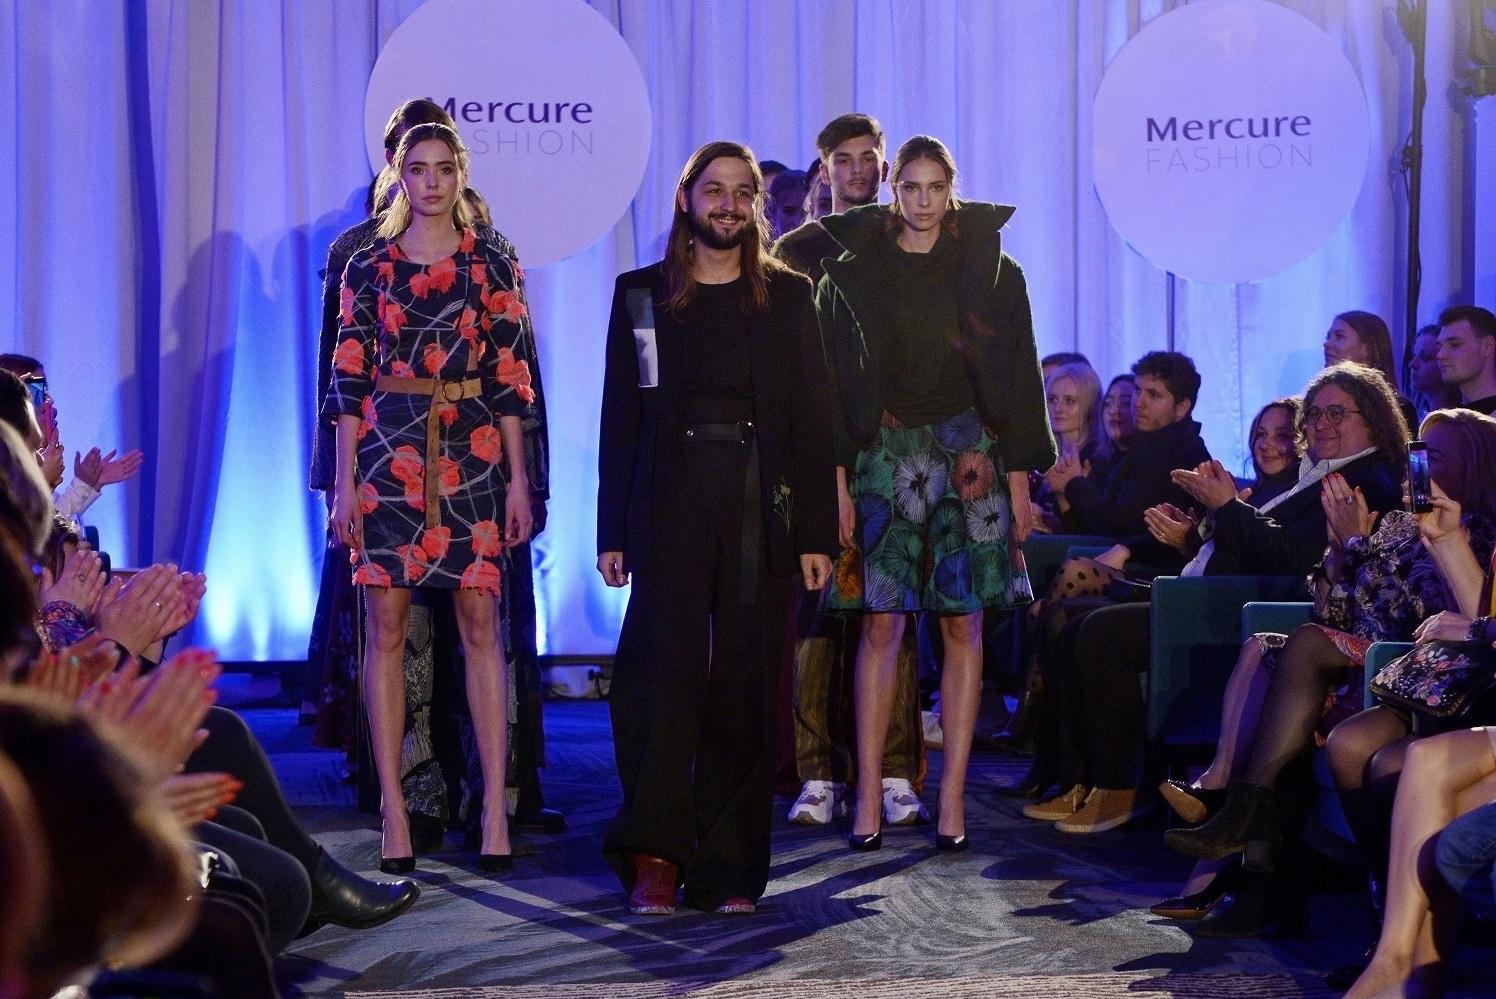 Za nami pokaz Mercure Fashion Night by Patryk Wojciechowski